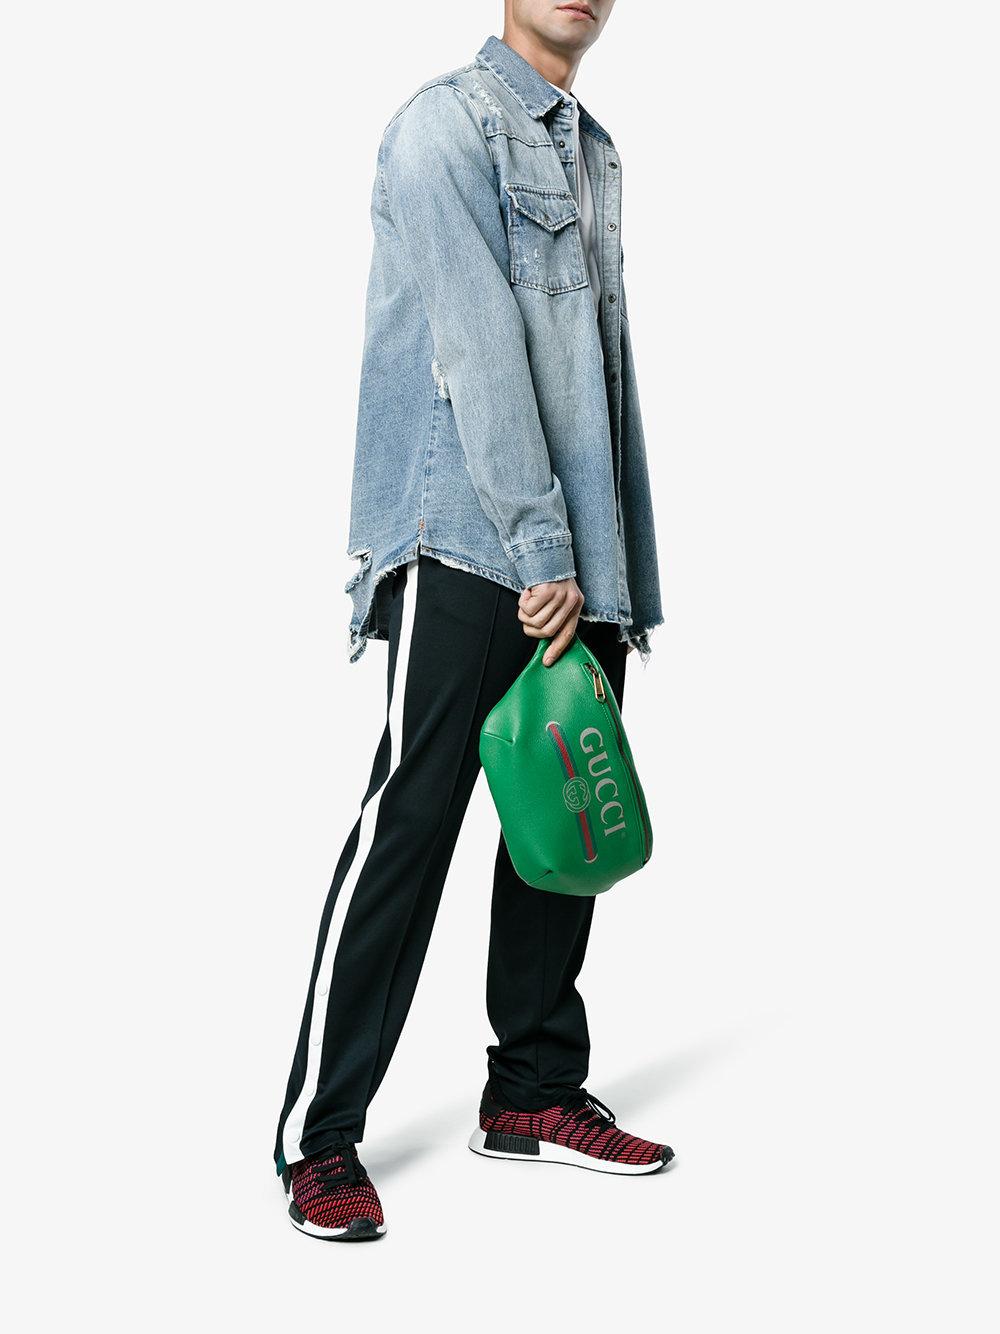 superior quality 7fbf1 9905e $204, adidas Originals Nmd R1 Stlt Primeknit Sneakers